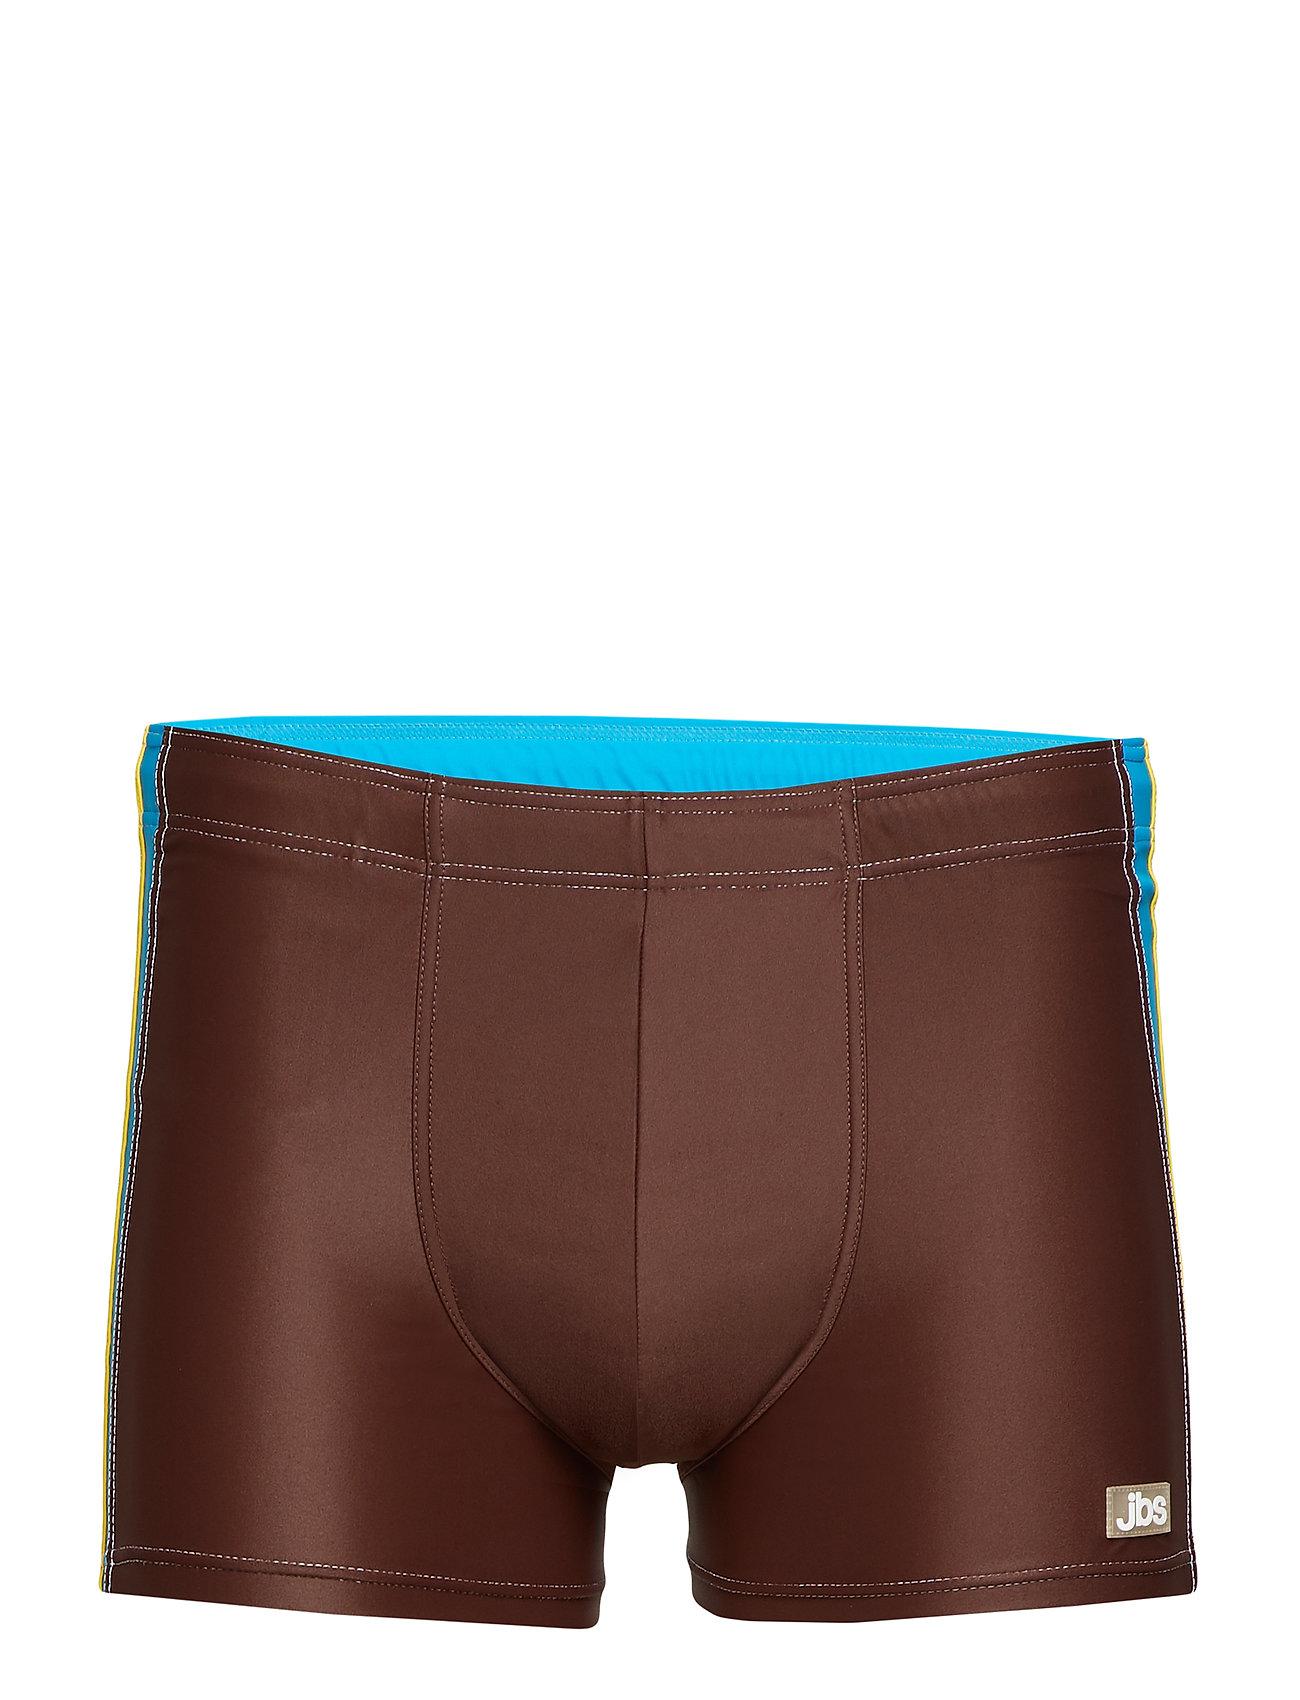 Image of Swim Tight Badeshorts Brun JBS (3423447947)